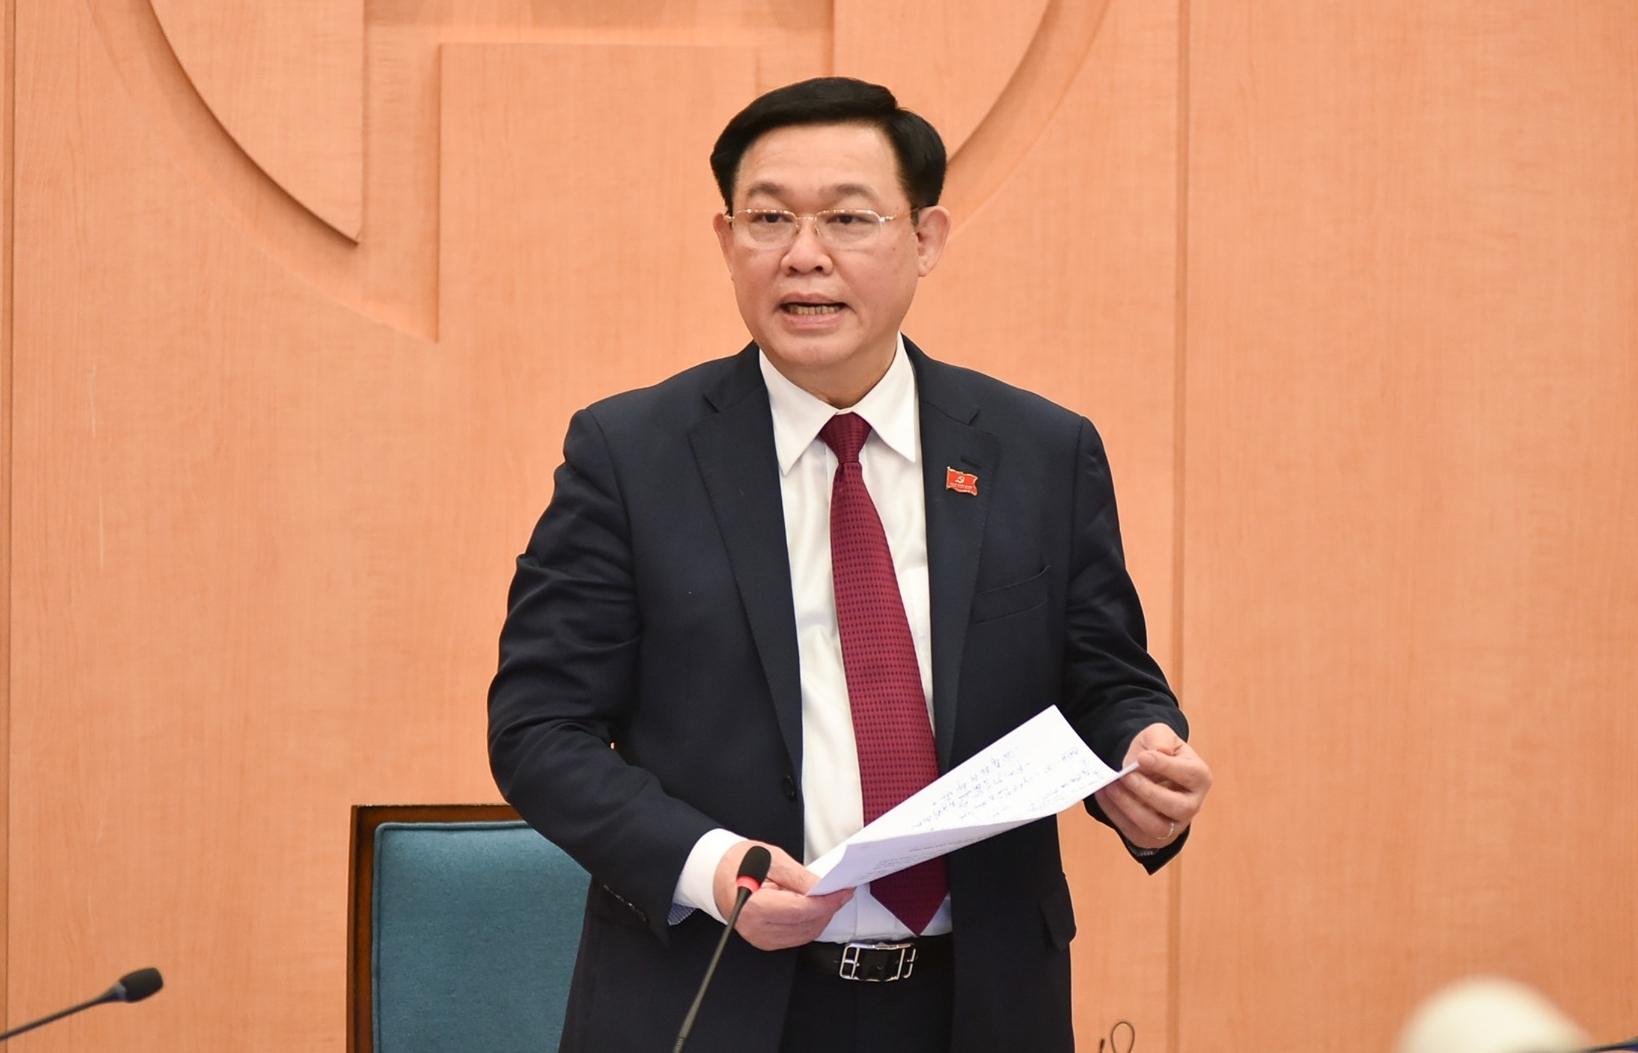 Bắc Ninh có ca nhiễm, Hà Nội kích hoạt hệ thống phòng chống dịch ở mức độ cao